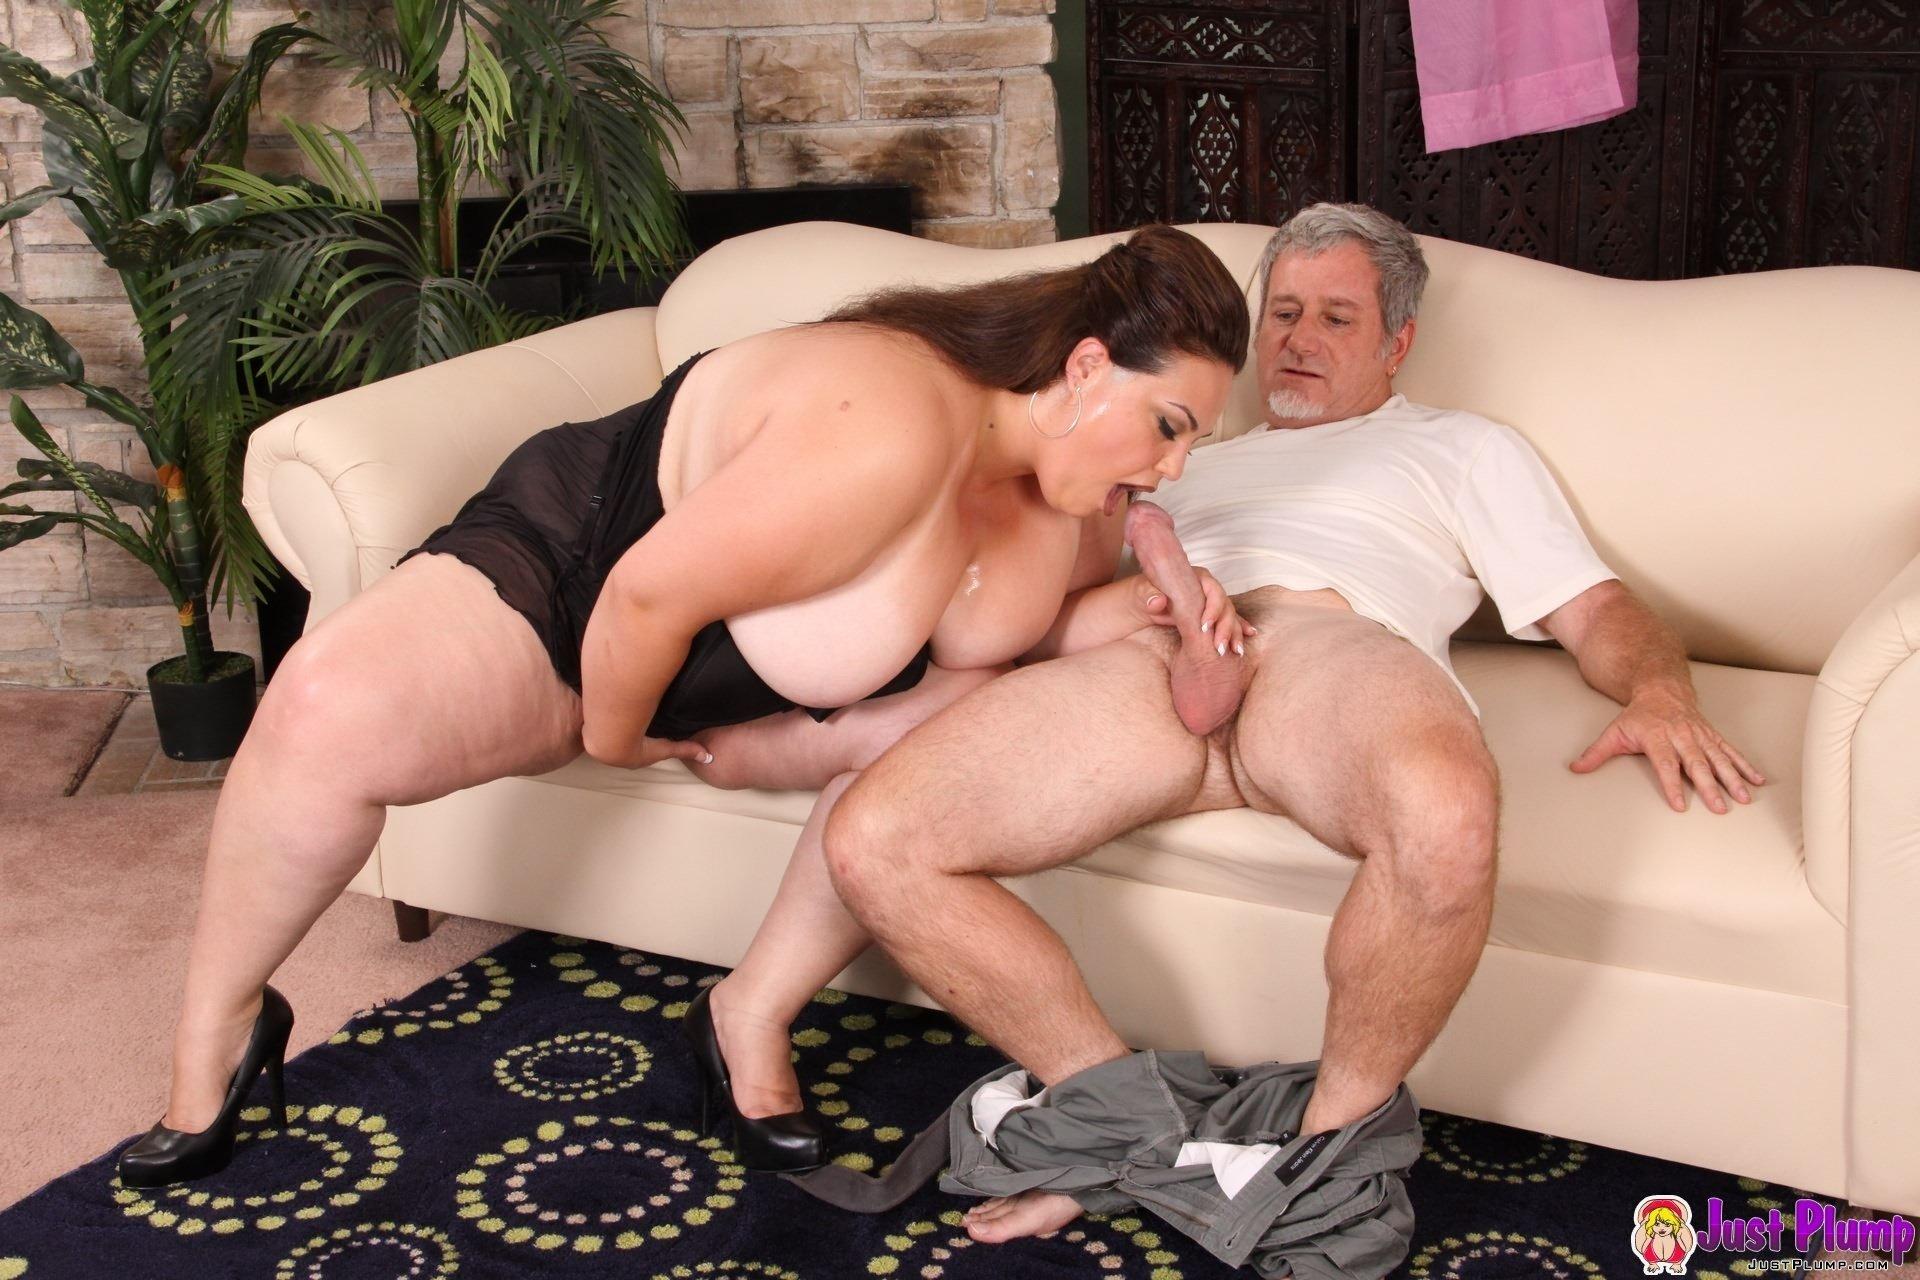 Горячий арабский секс порно видео в HD на Drochy!